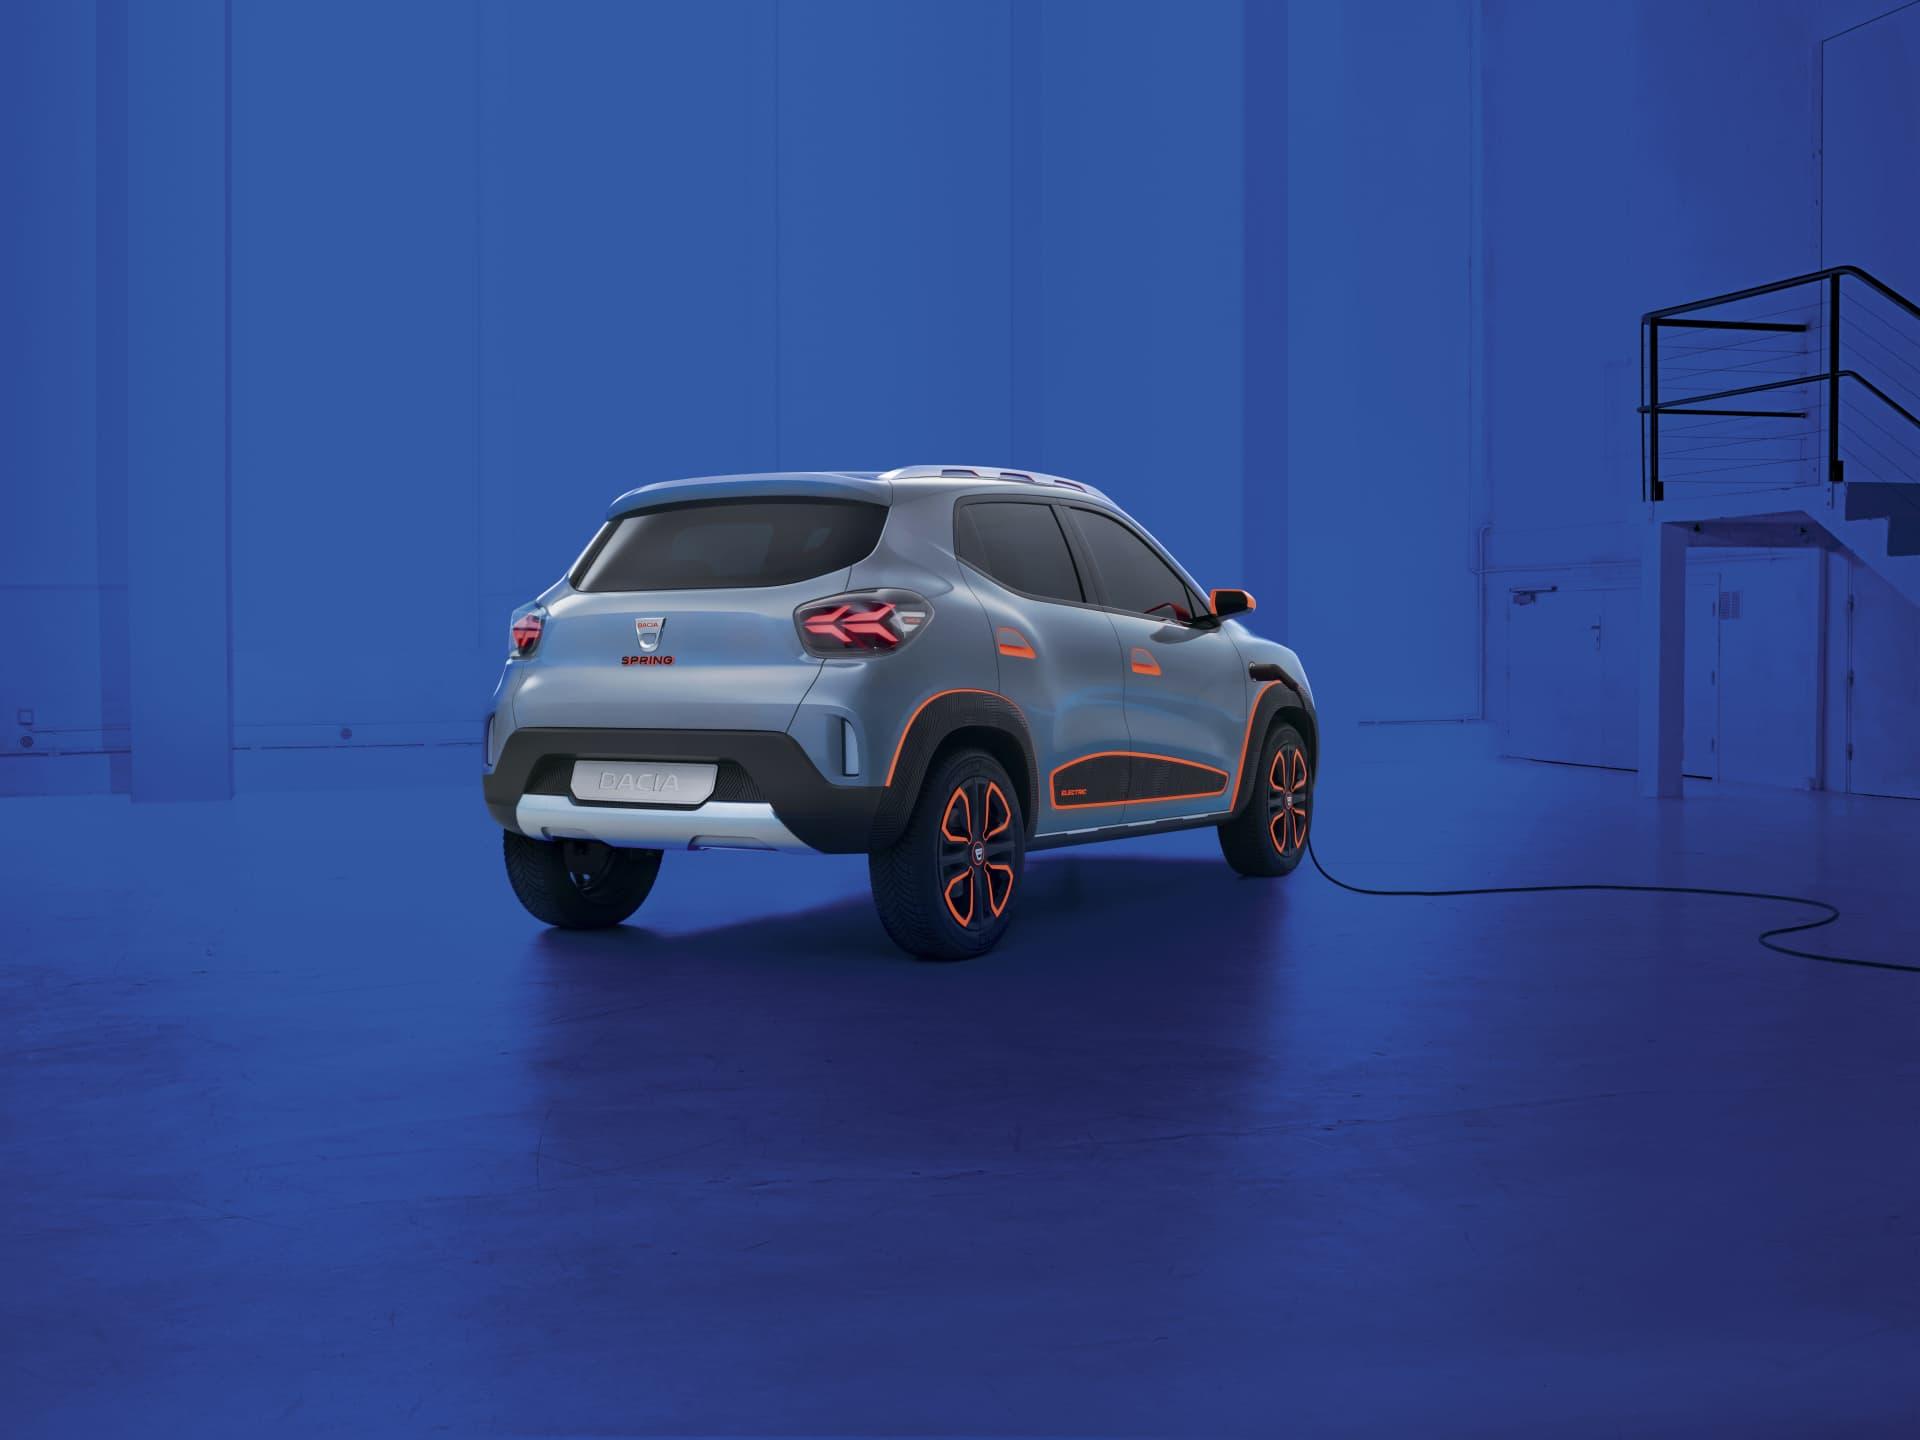 2020 Dacia Spring Show Car 4